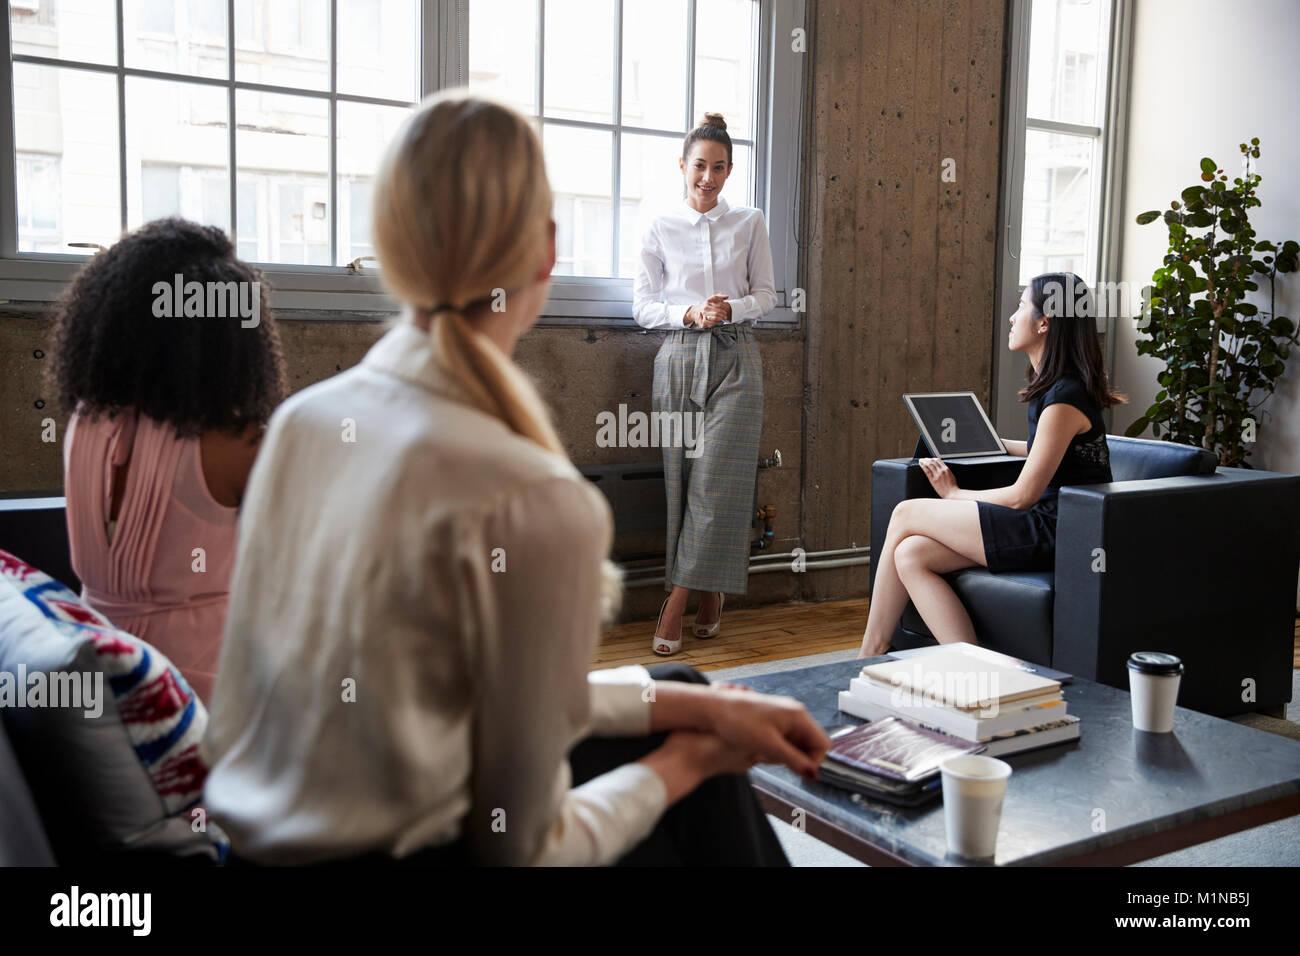 L'article parle de l'équipe de gestionnaire femelle à casual meeting Photo Stock